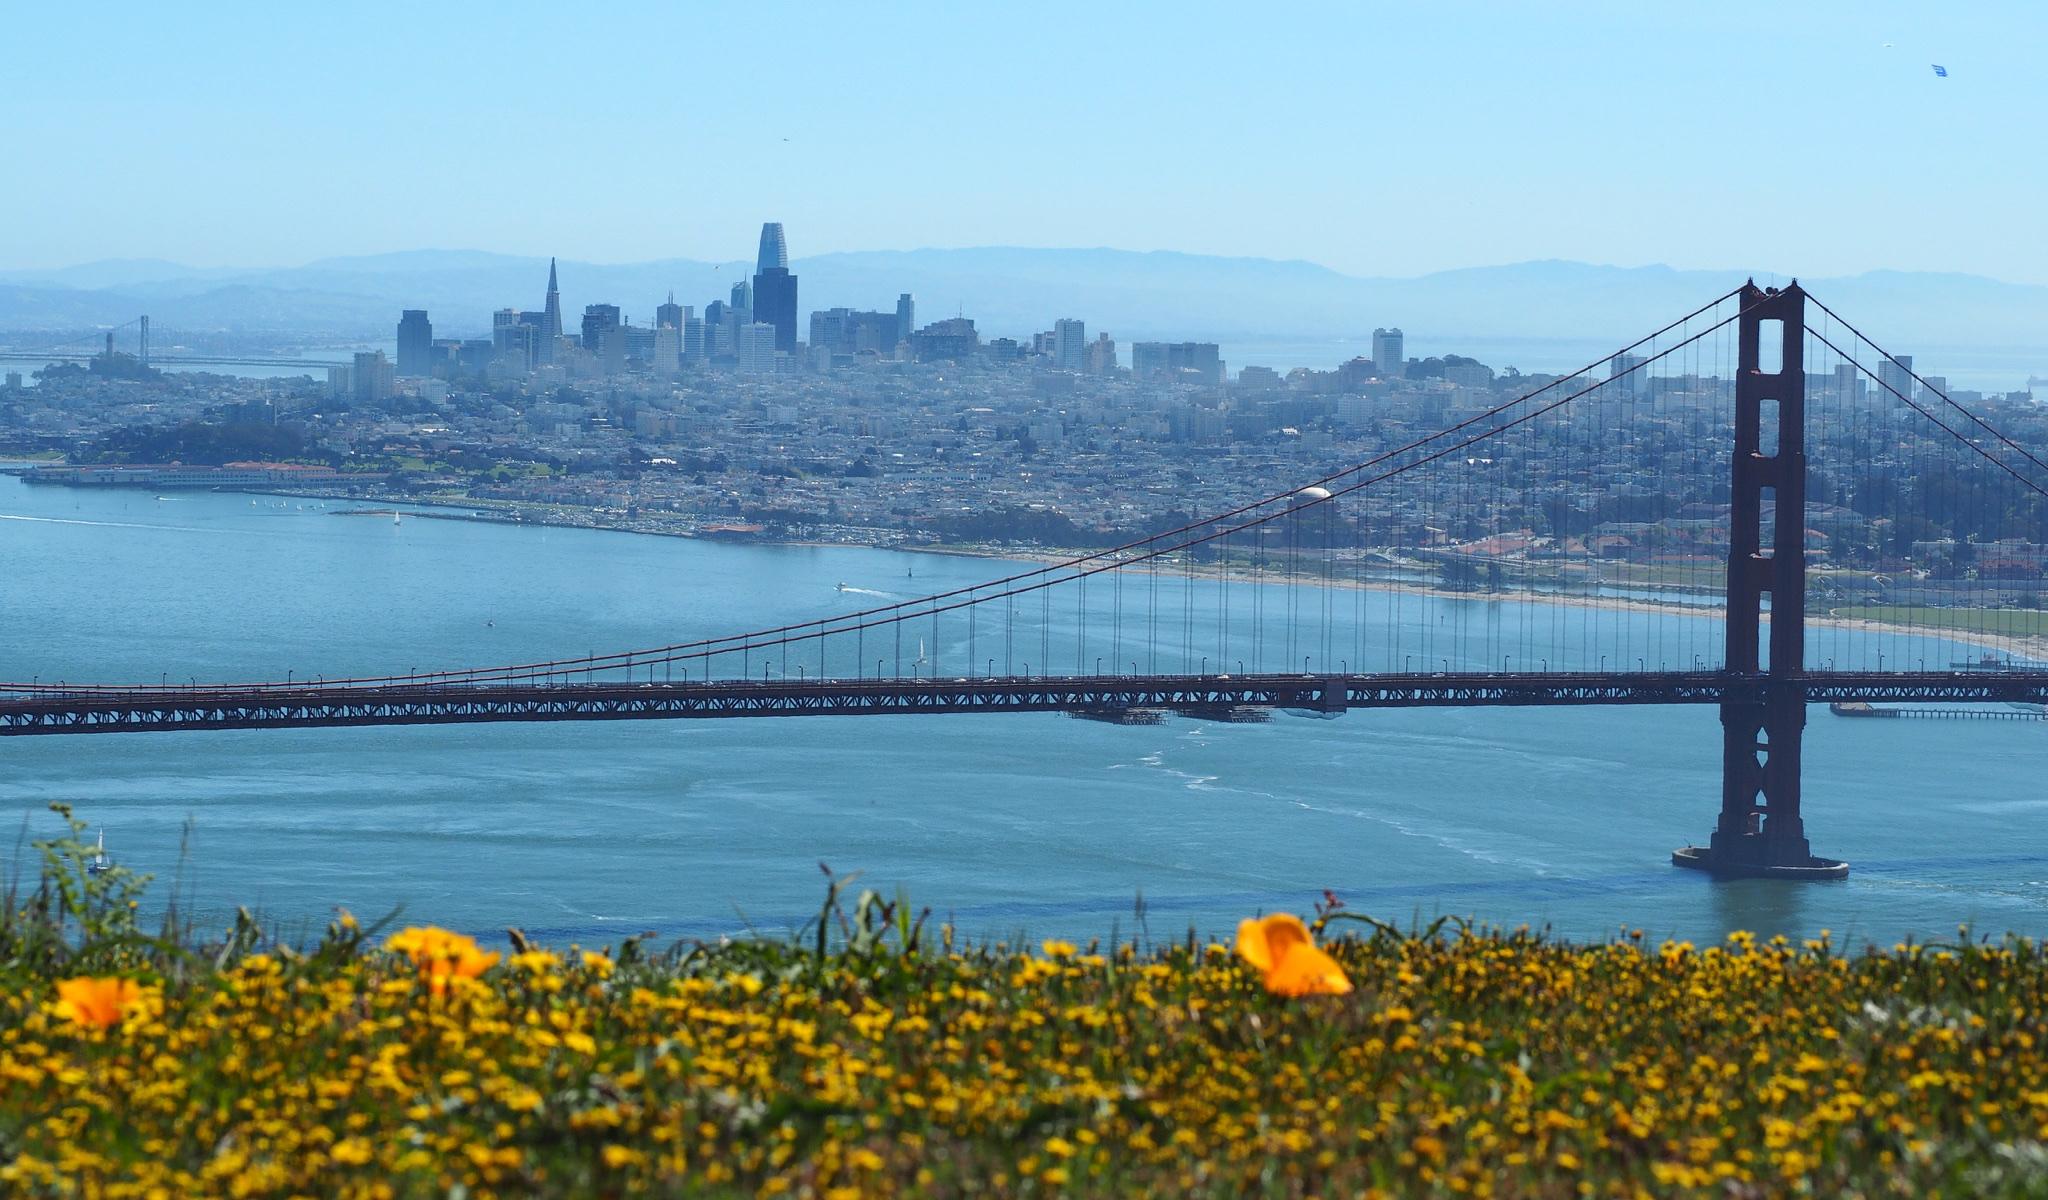 Vuelo Barcelon - San Francisco 2/5/20 -7/5/20